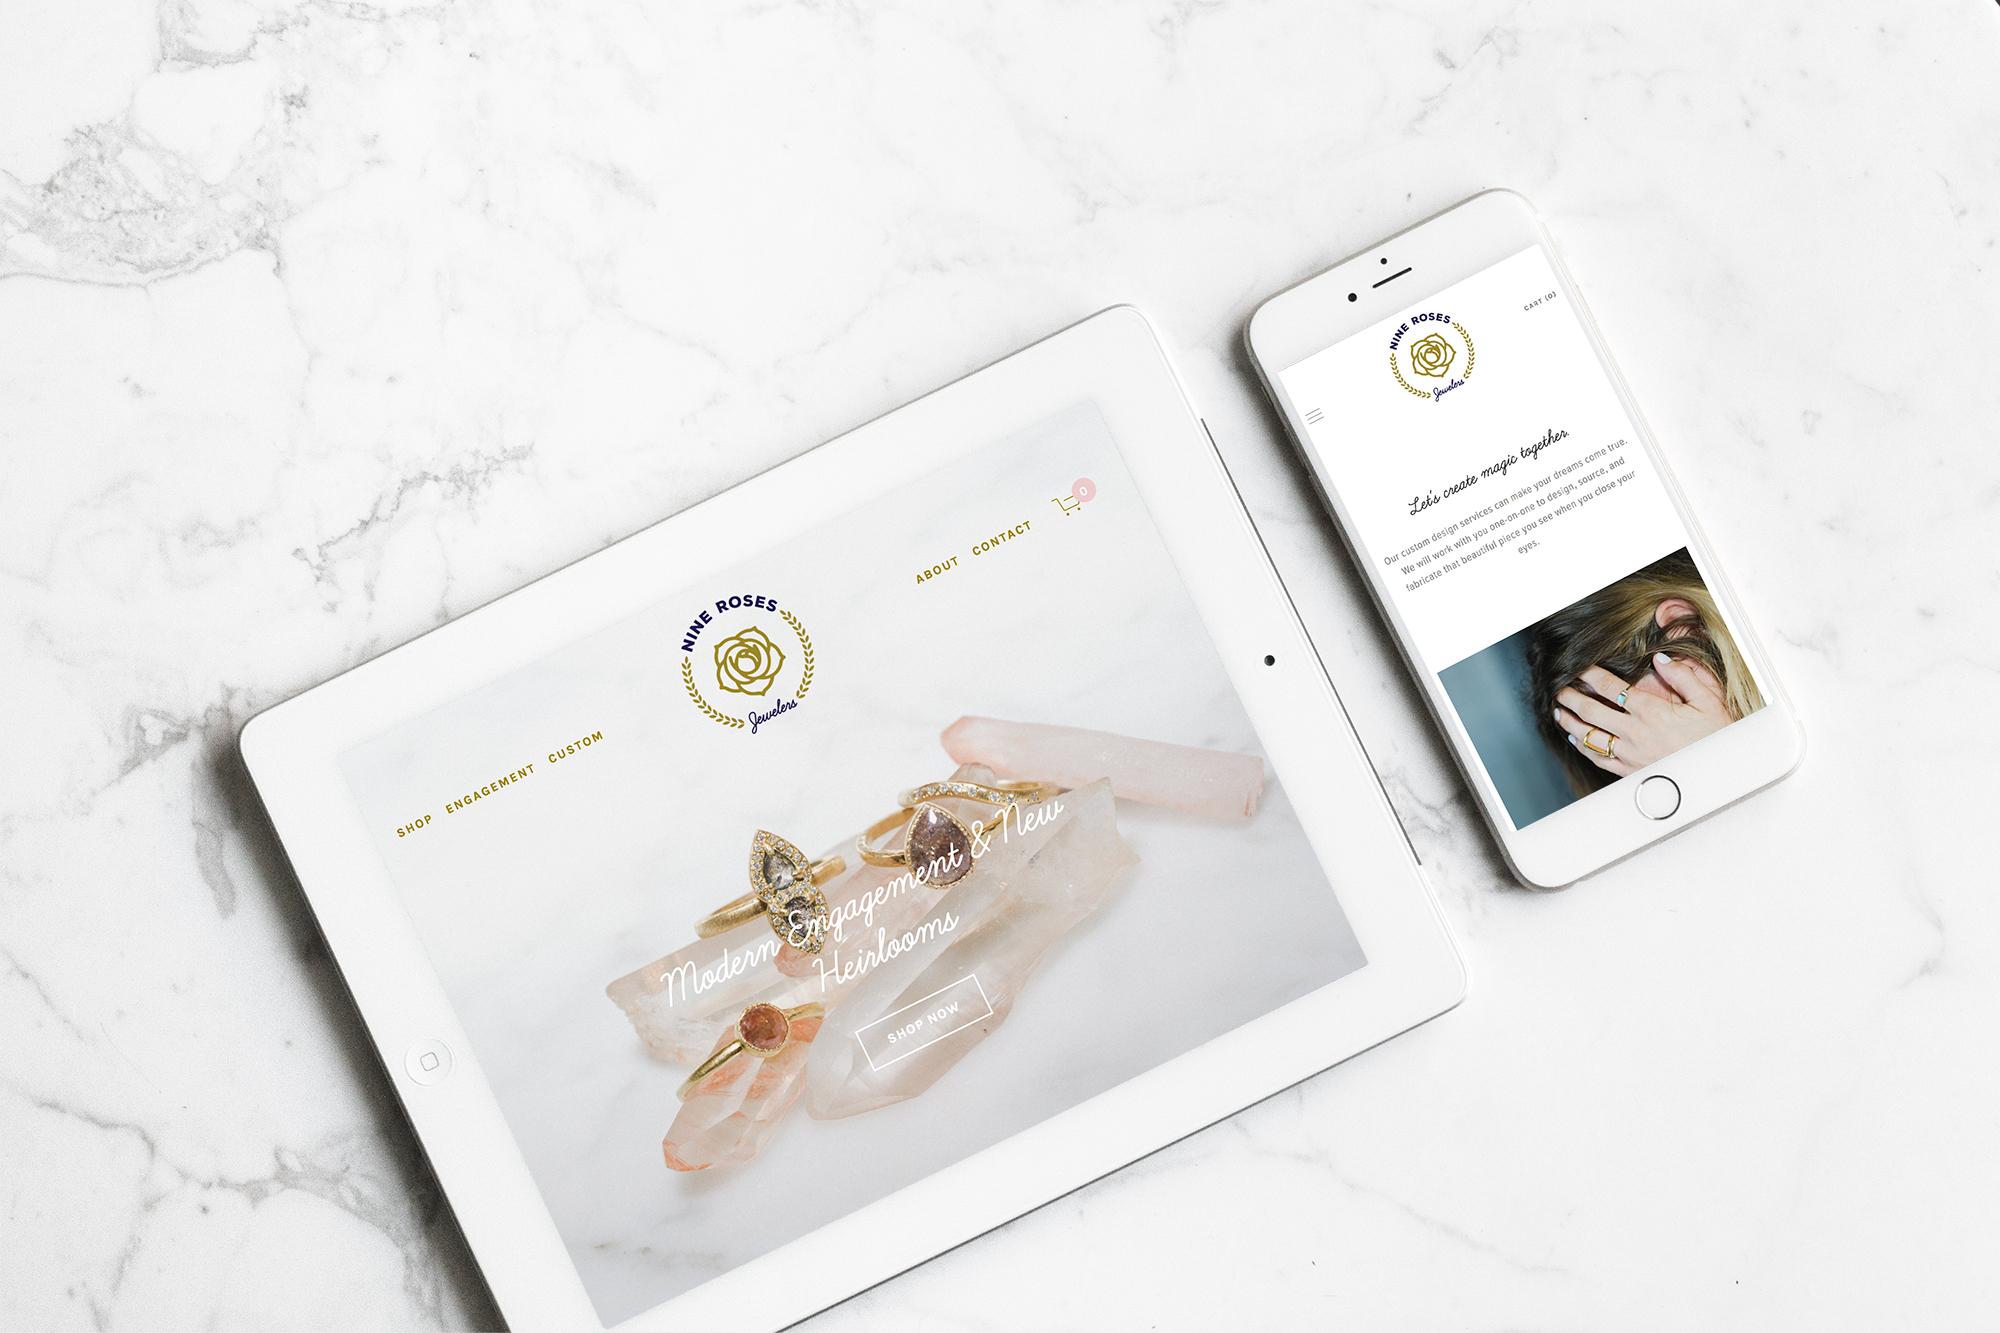 nine-roses-jewelers-website.jpg